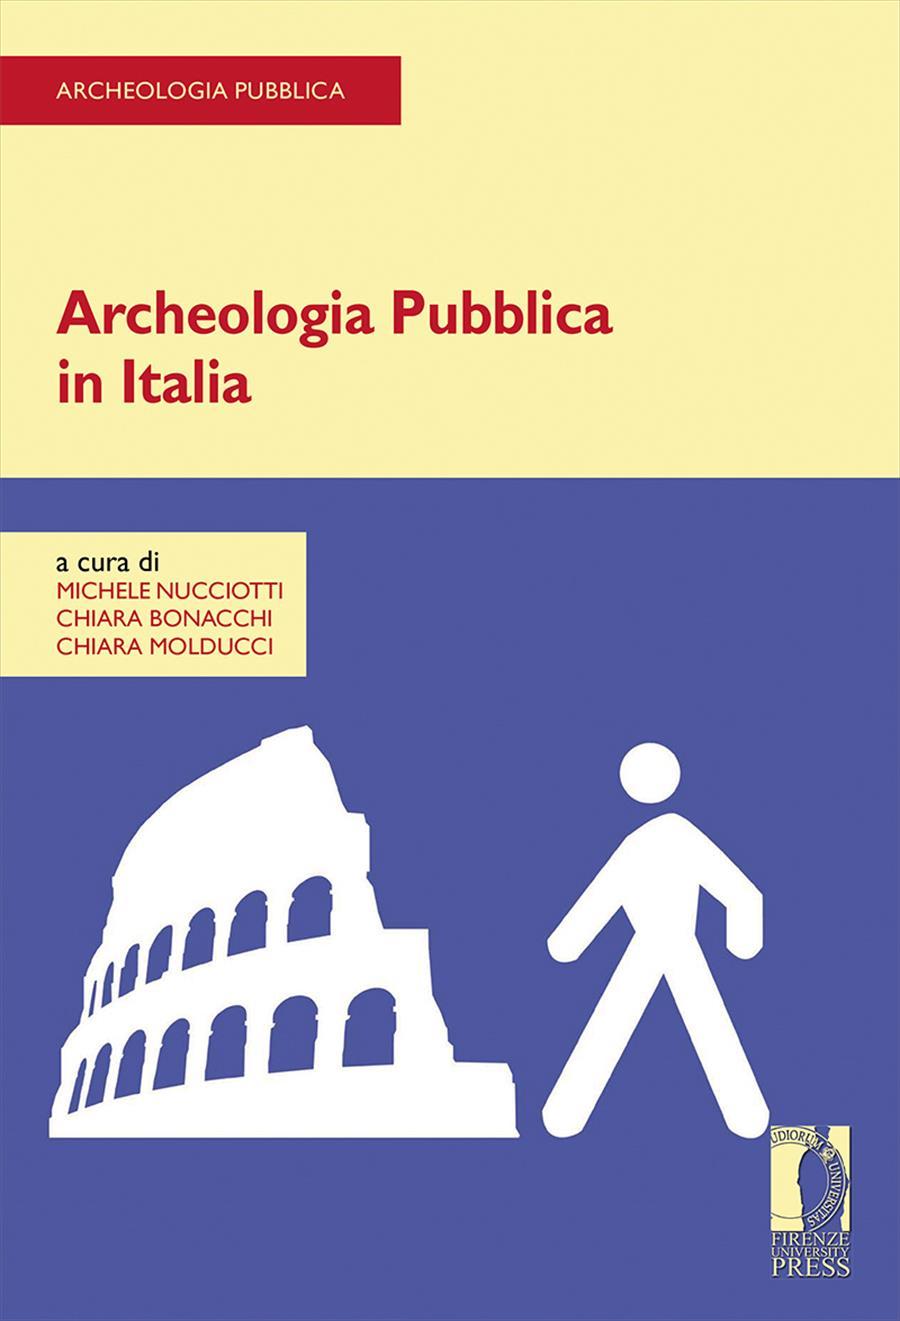 Archeologia pubblica in Italia